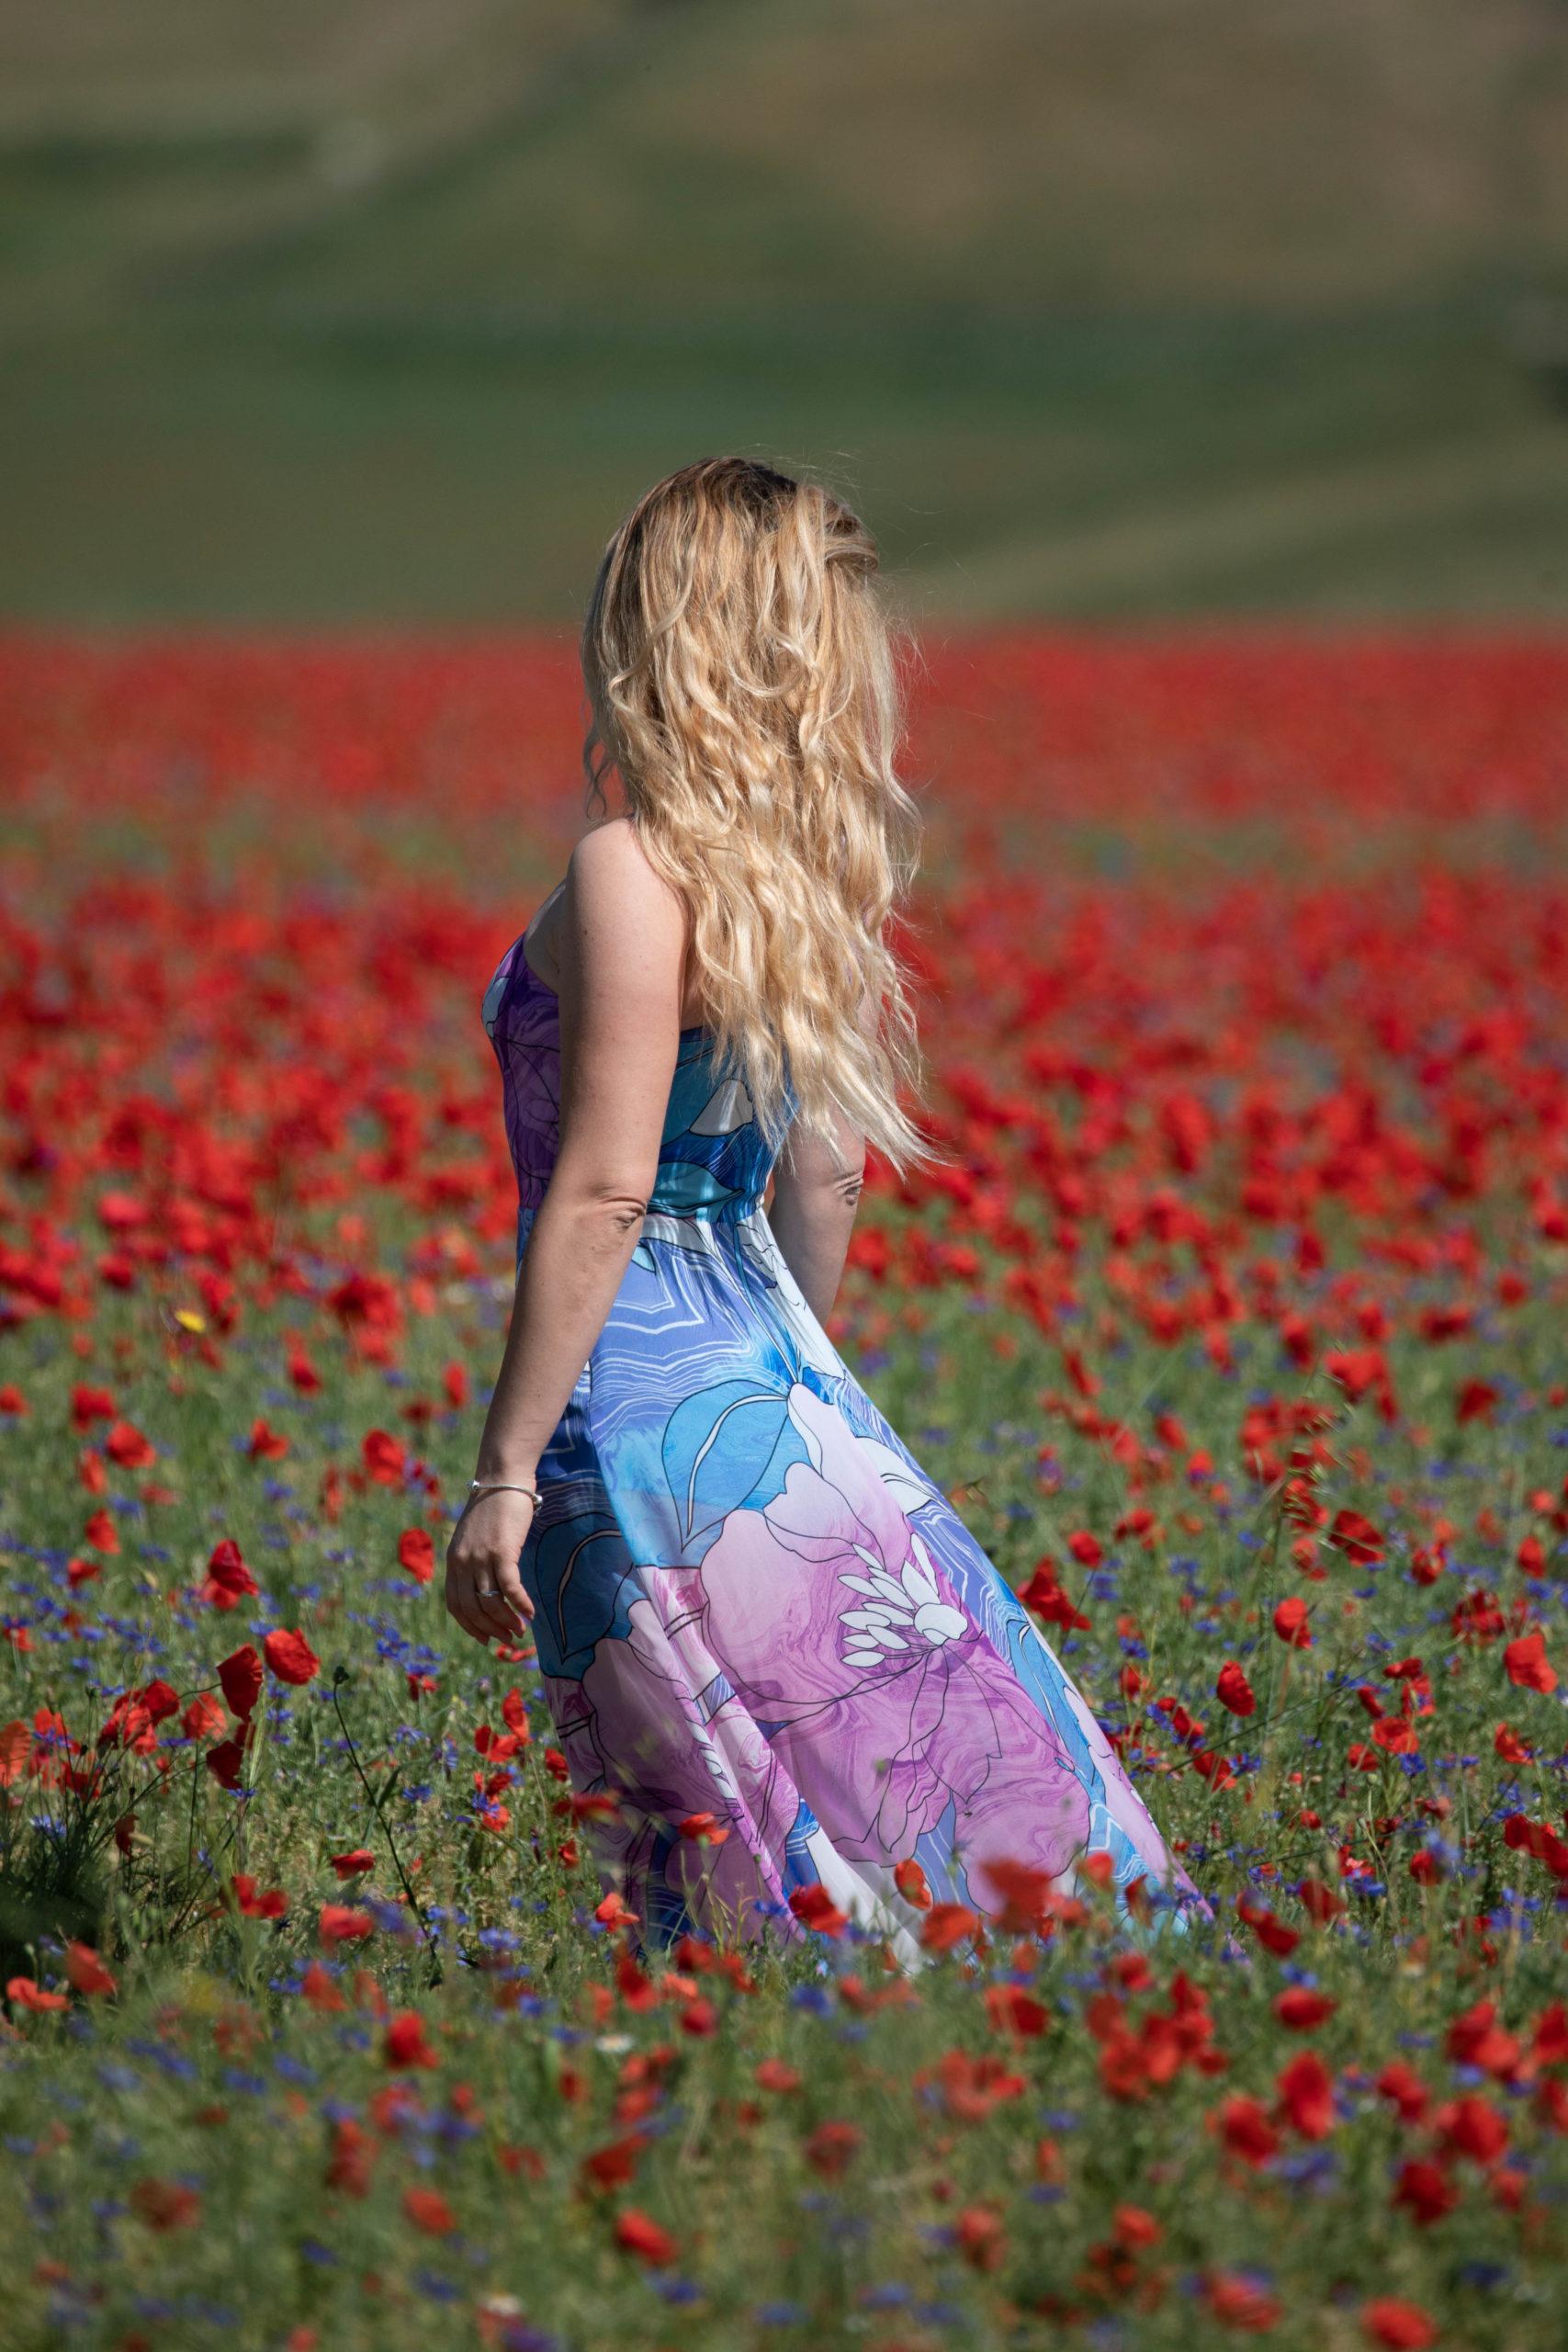 Ragazza con vestito lungo colorato ritratta in un campo di papaveri